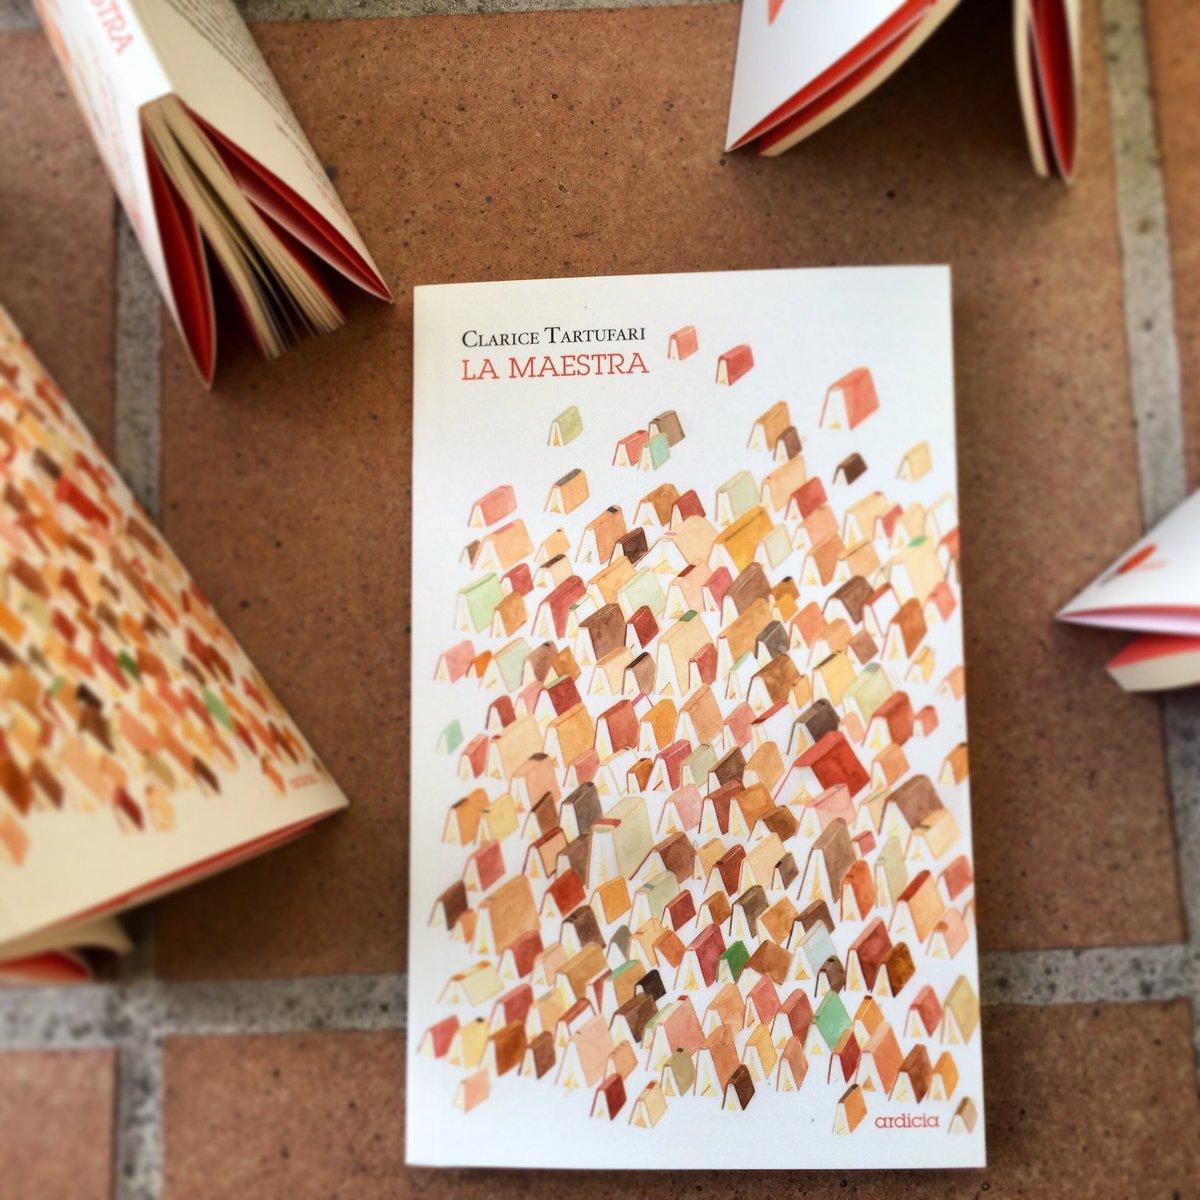 Ardicia 24: 'La maestra', de la italiana Clarice Tartufari. Ya en librerías. ardiciaeditorial.es/libros/2096/